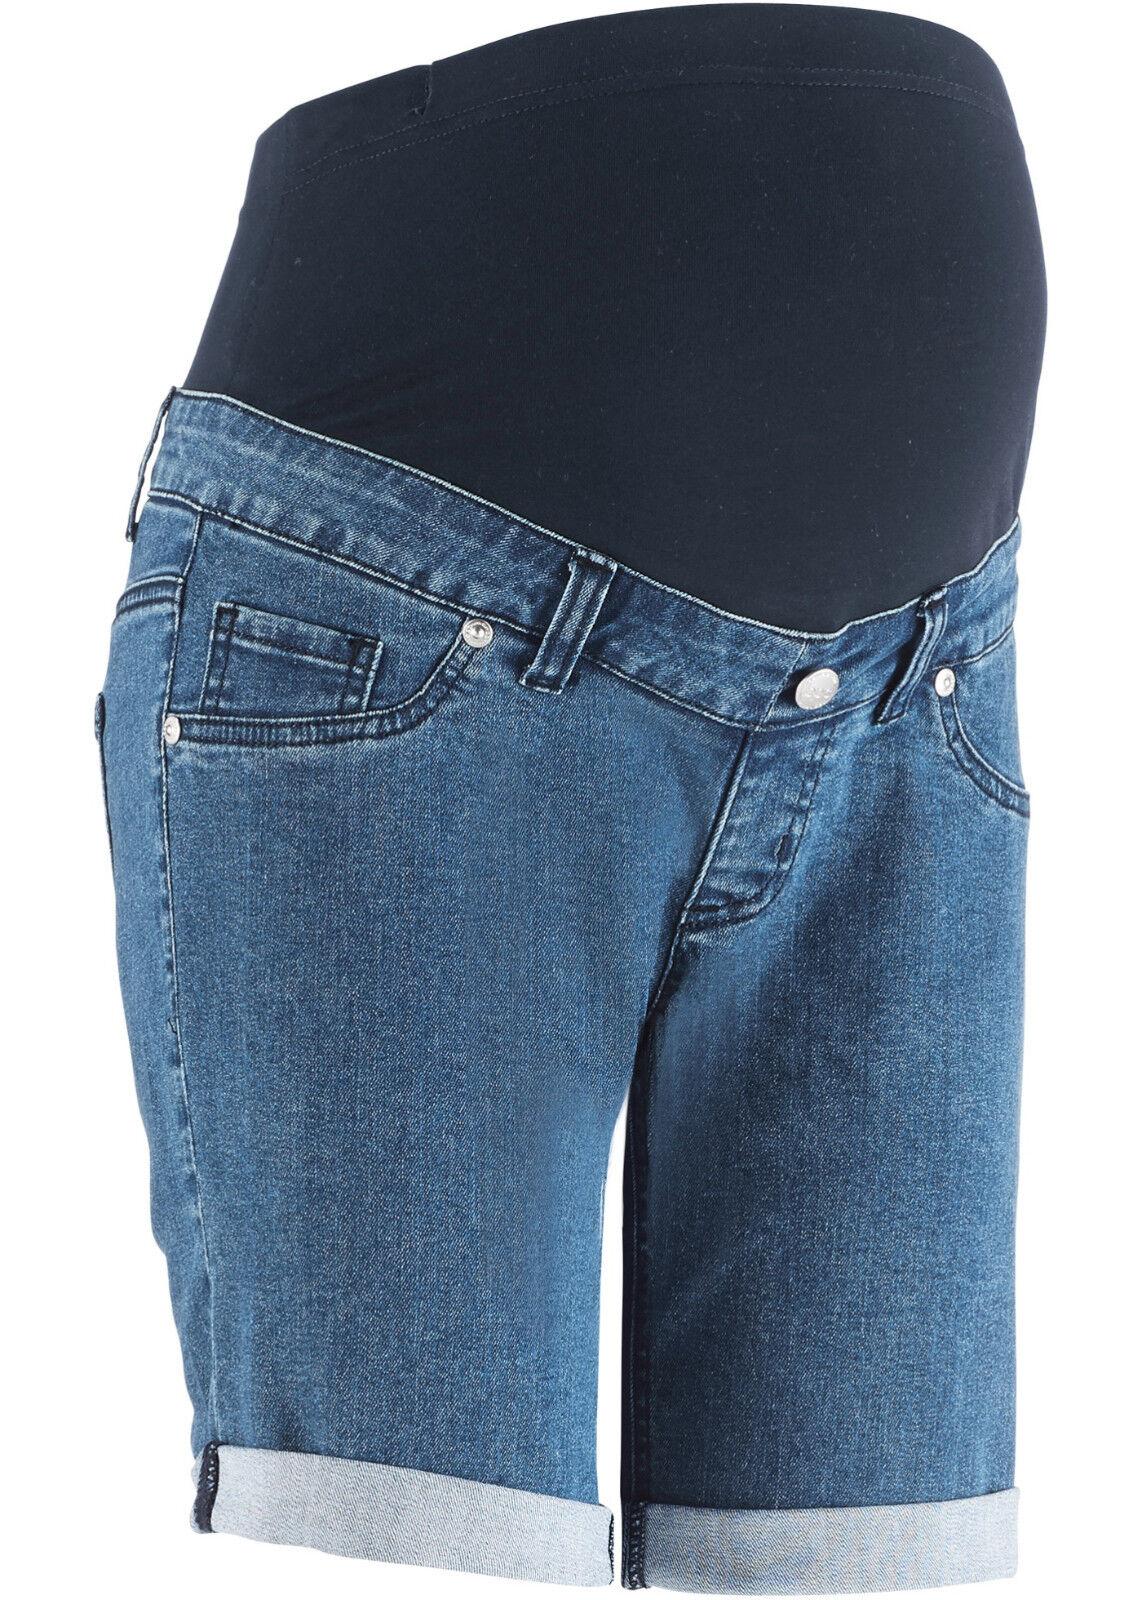 Jeansshorts für Schwangere Gr.34